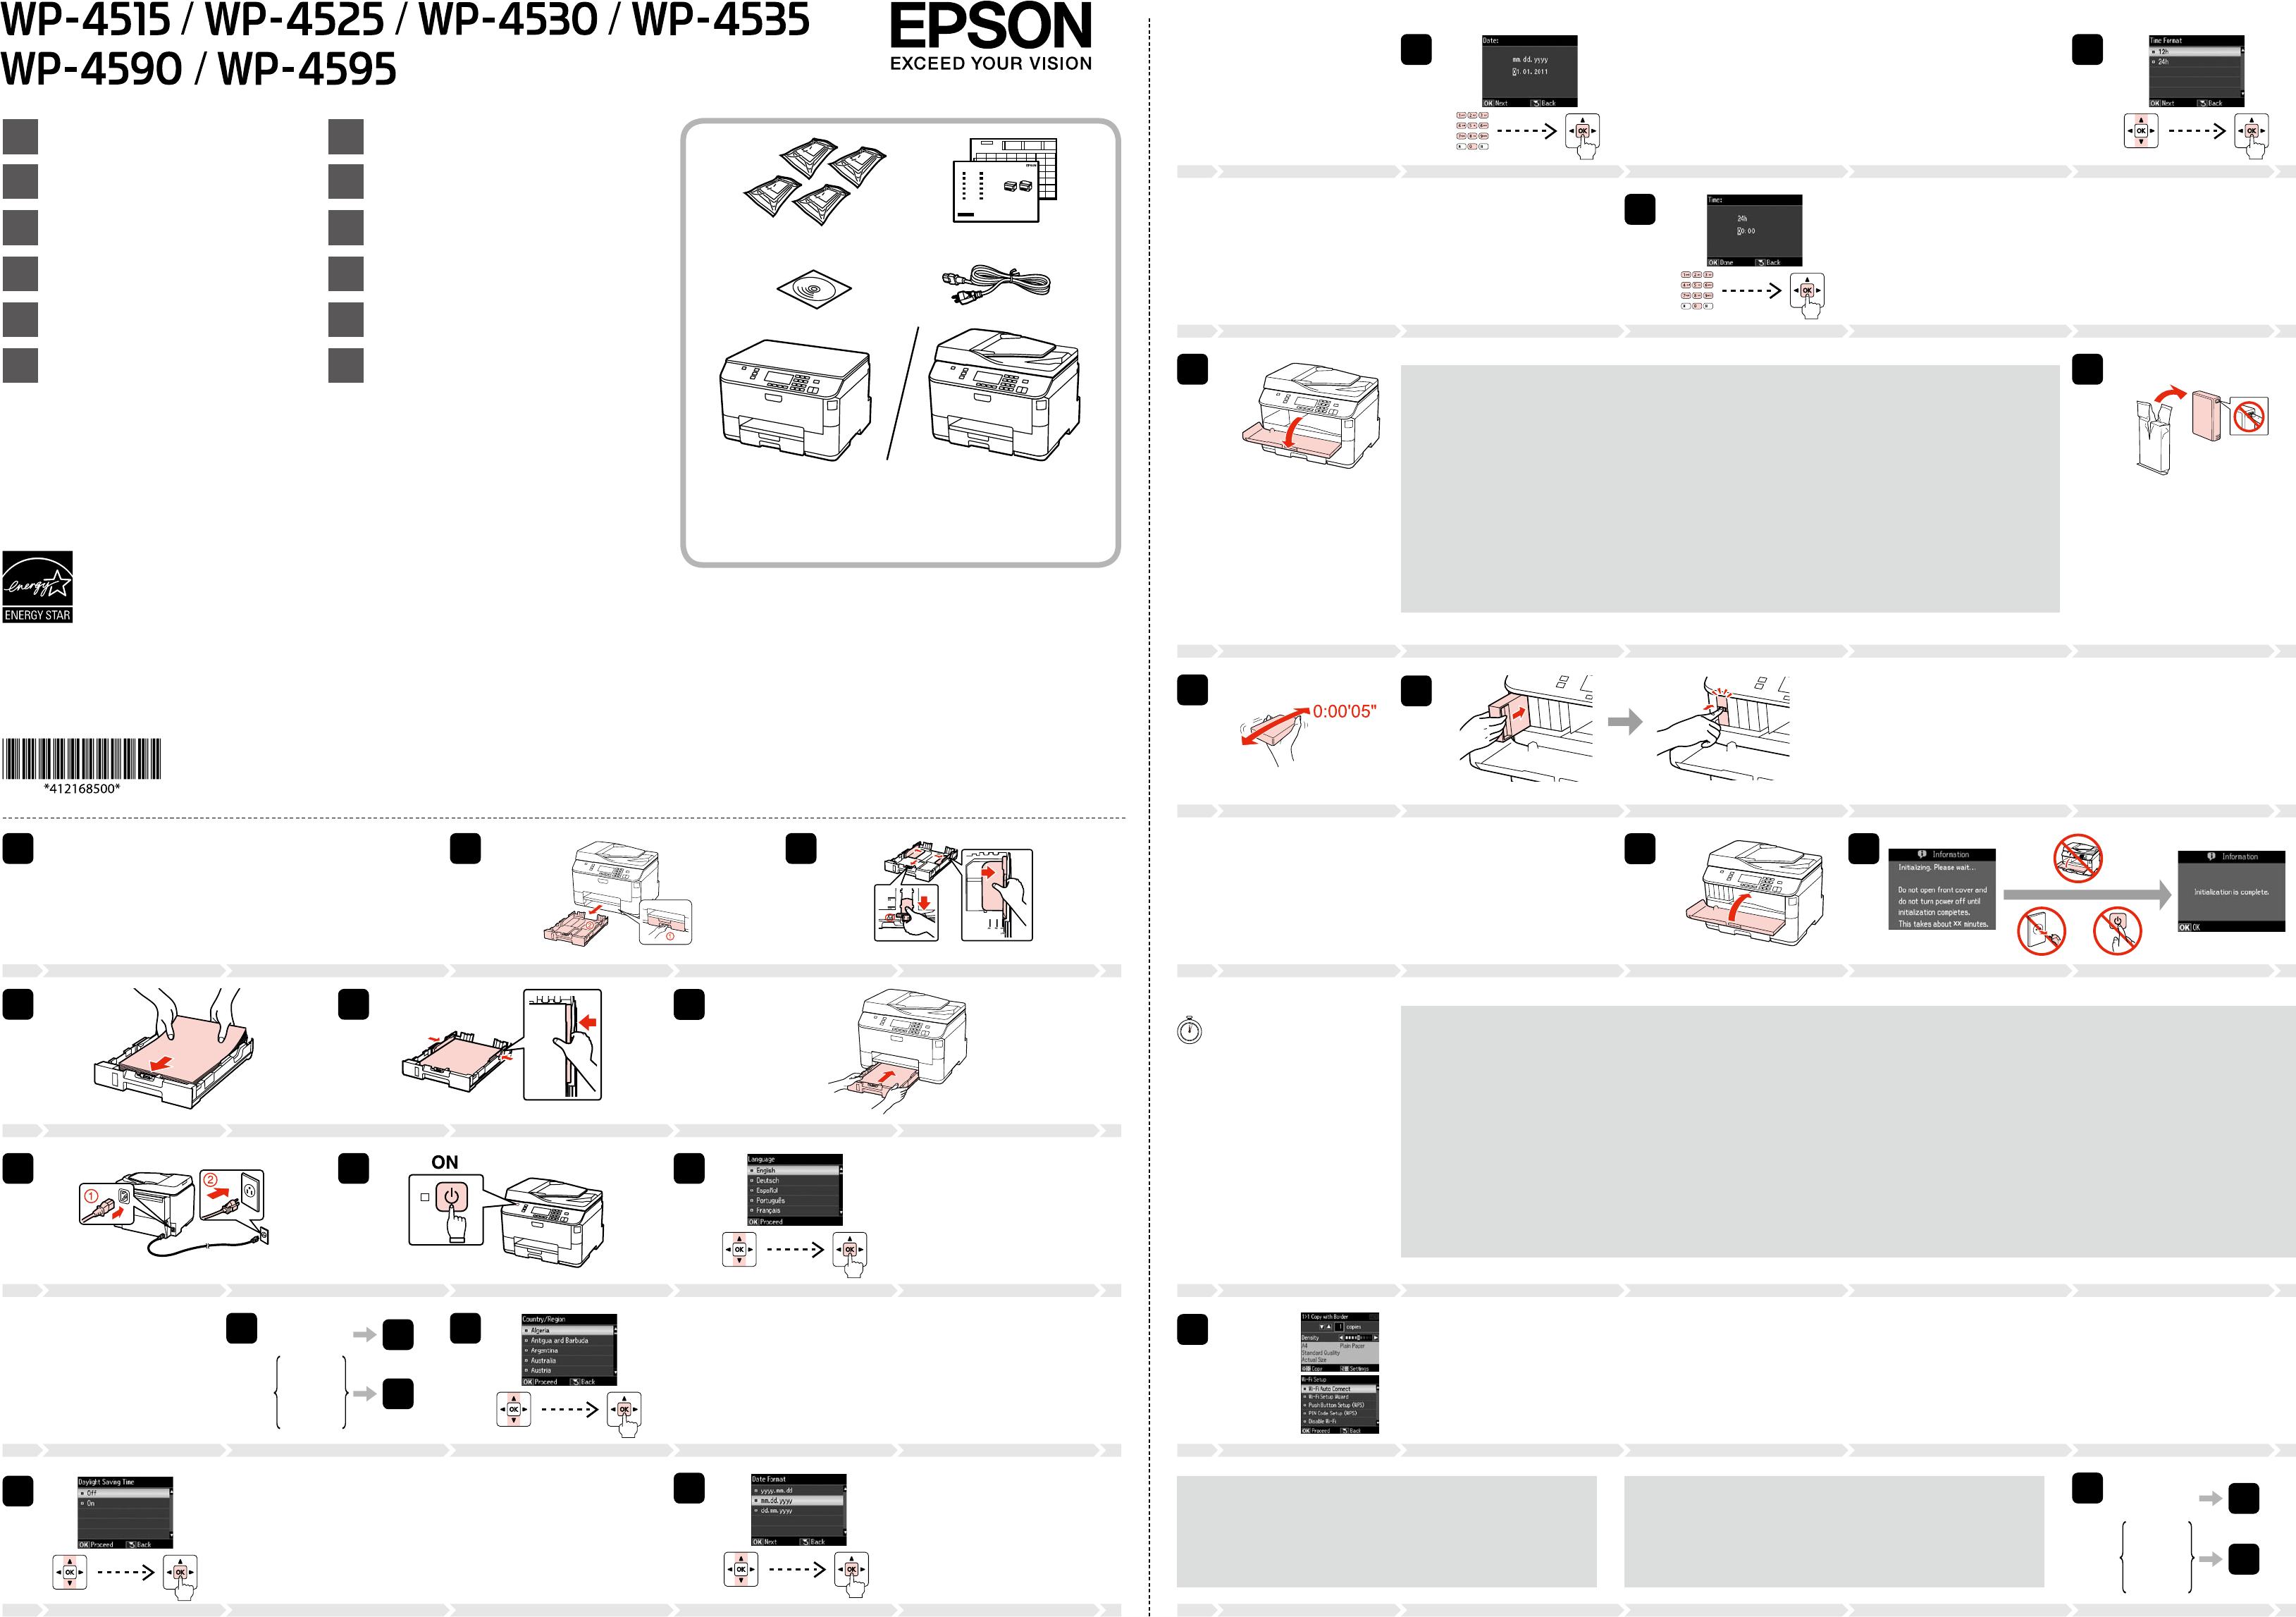 Bedienungsanleitung Epson WP-4535 (Seite 1 von 2) (Dänisch